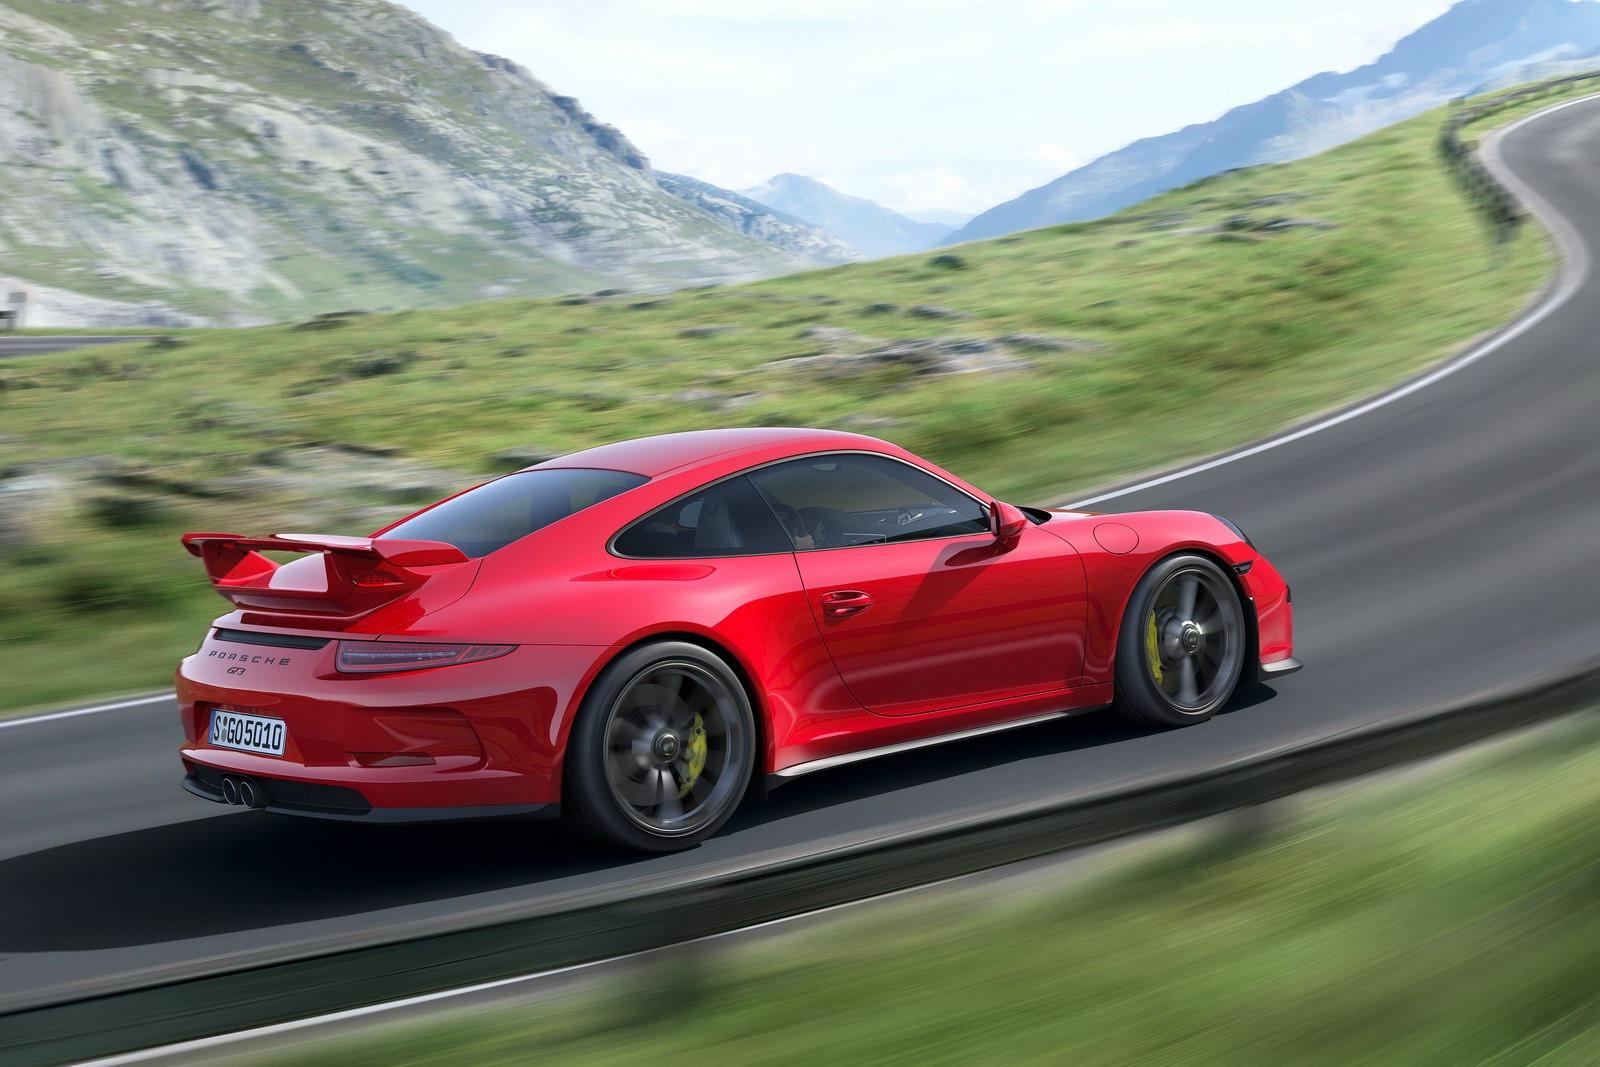 http://www.diseno-art.com/news_content/wp-content/uploads/2013/03/Porsche-991-GT3-7.jpg